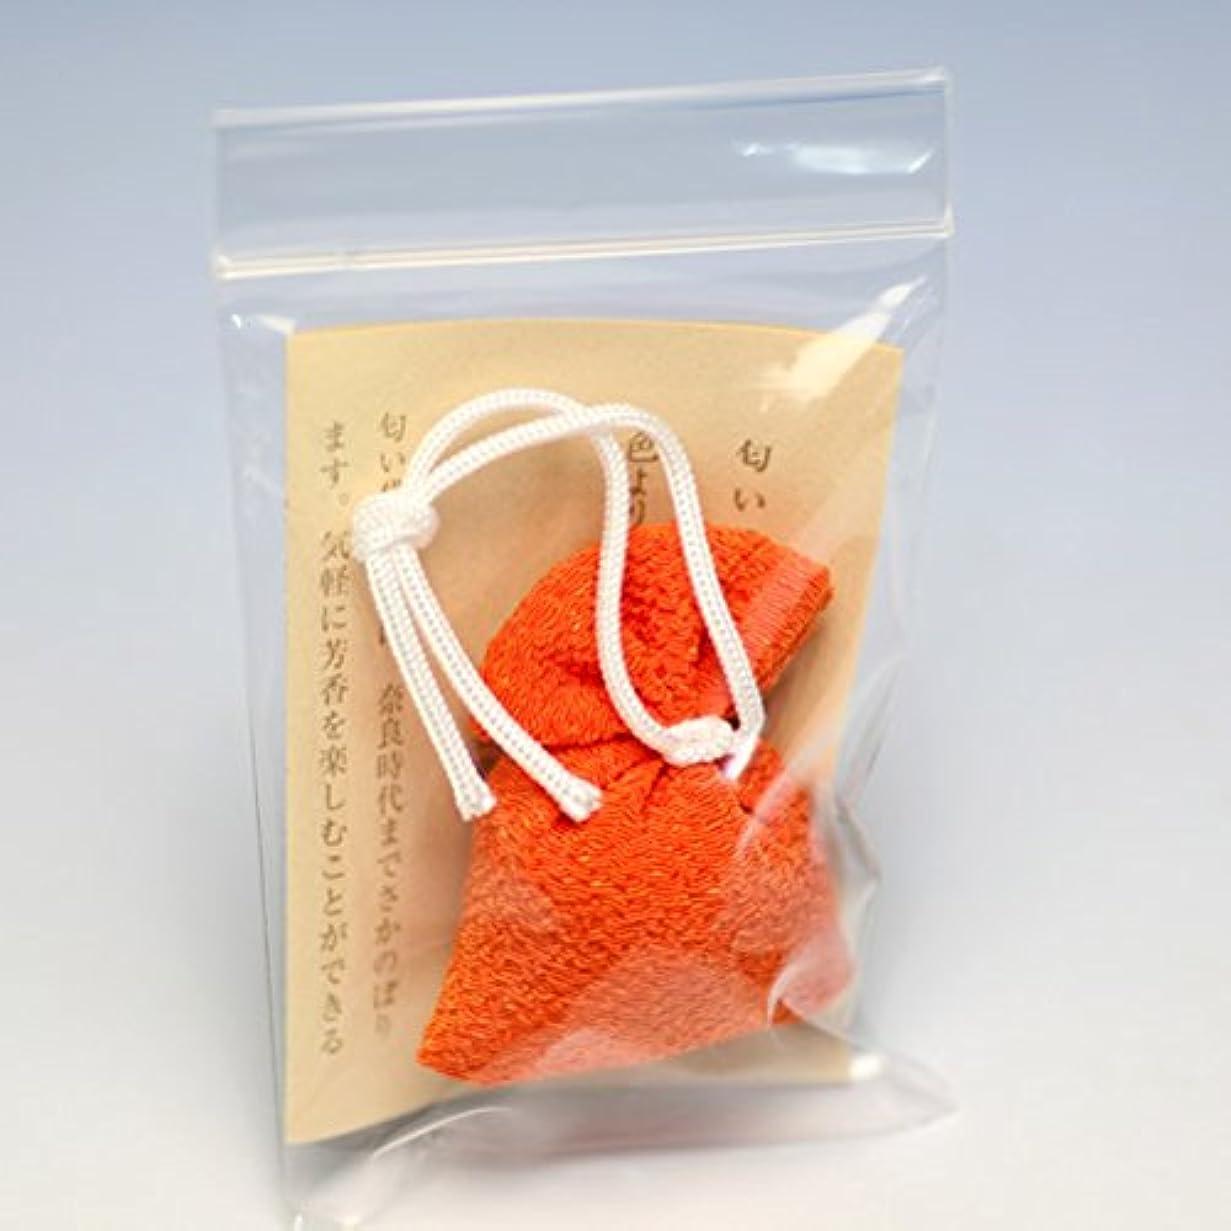 迷信フェミニンシャンパン松栄堂 匂い袋 誰が袖 携帯用 1個入 ケースなし (色をお選びください) (橙)